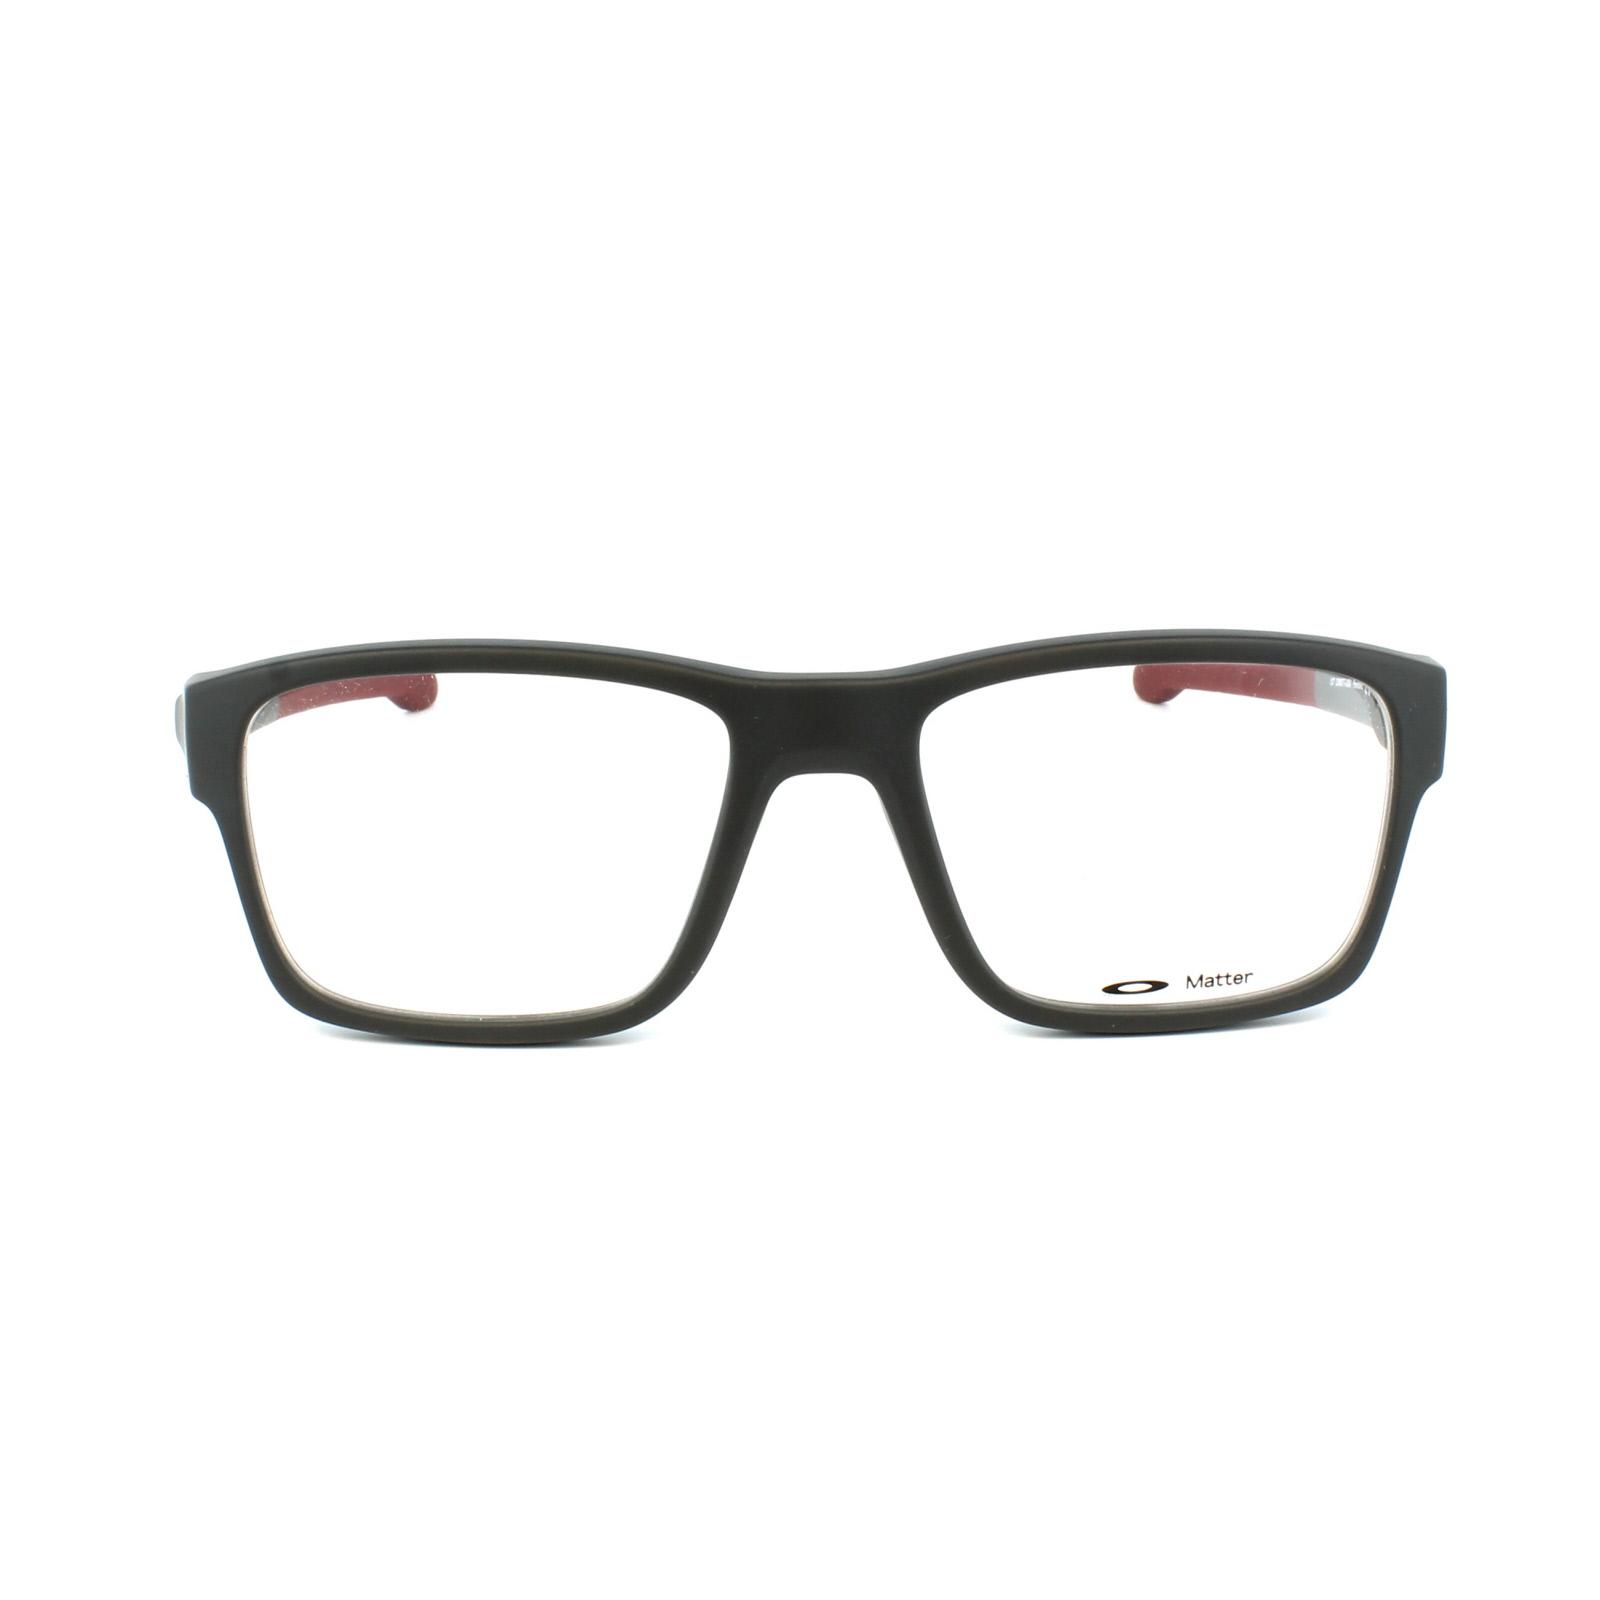 f0db6fa3c0e Oakley Splinter Sunglasses Cheap « Heritage Malta